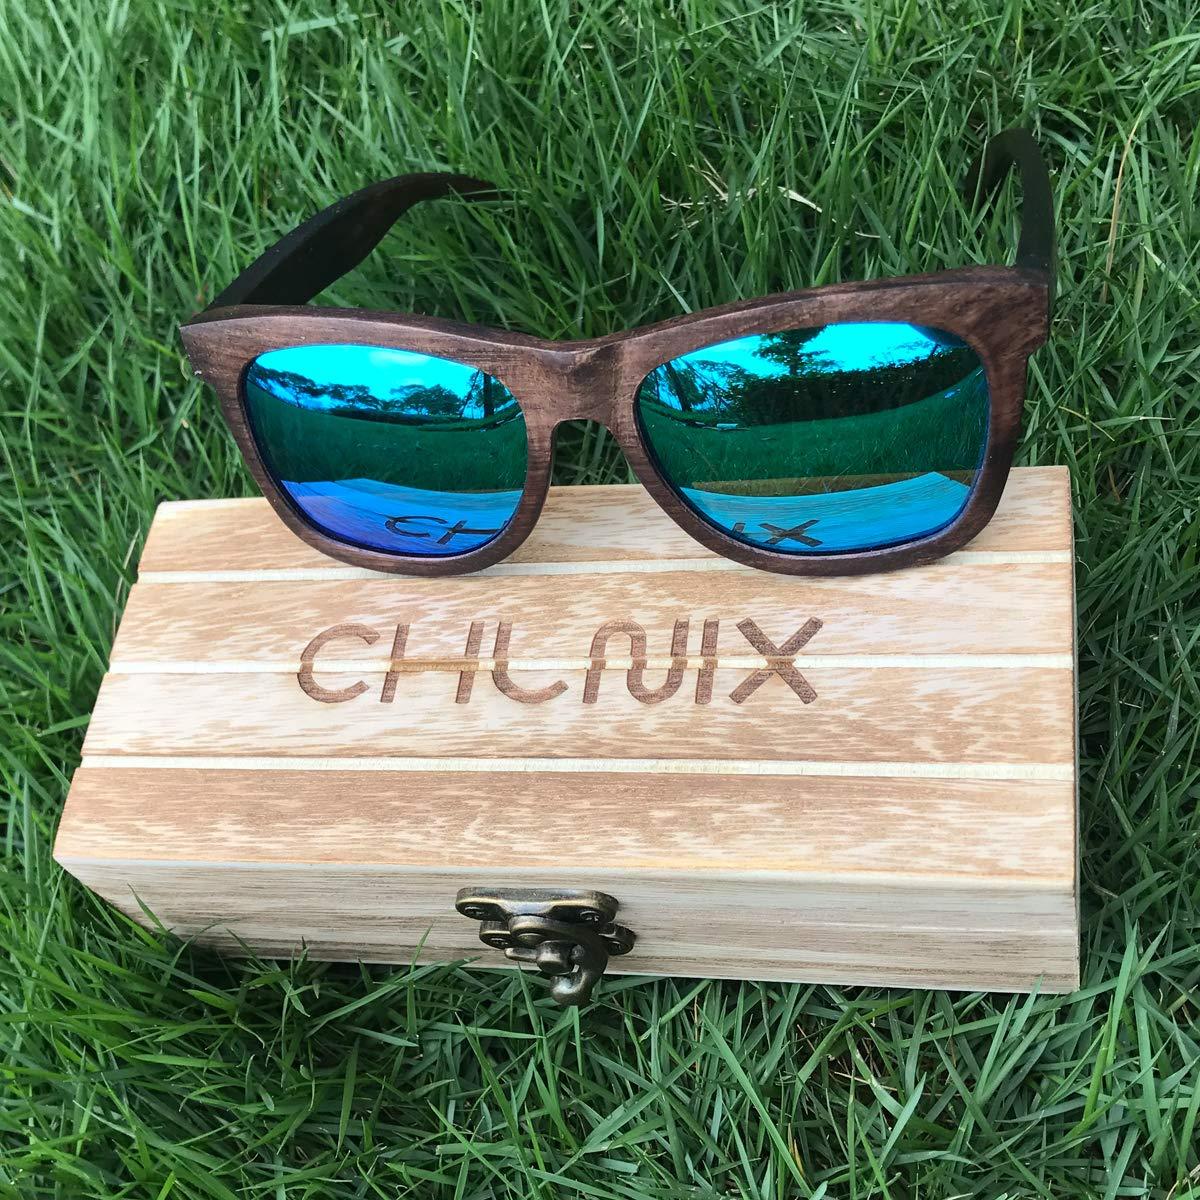 CHLNIX Occhiali da sole da uomo in legno Occhiali da sole retro polarizzati UV400 Vintage con scatola di legno classica per sport allaria aperta